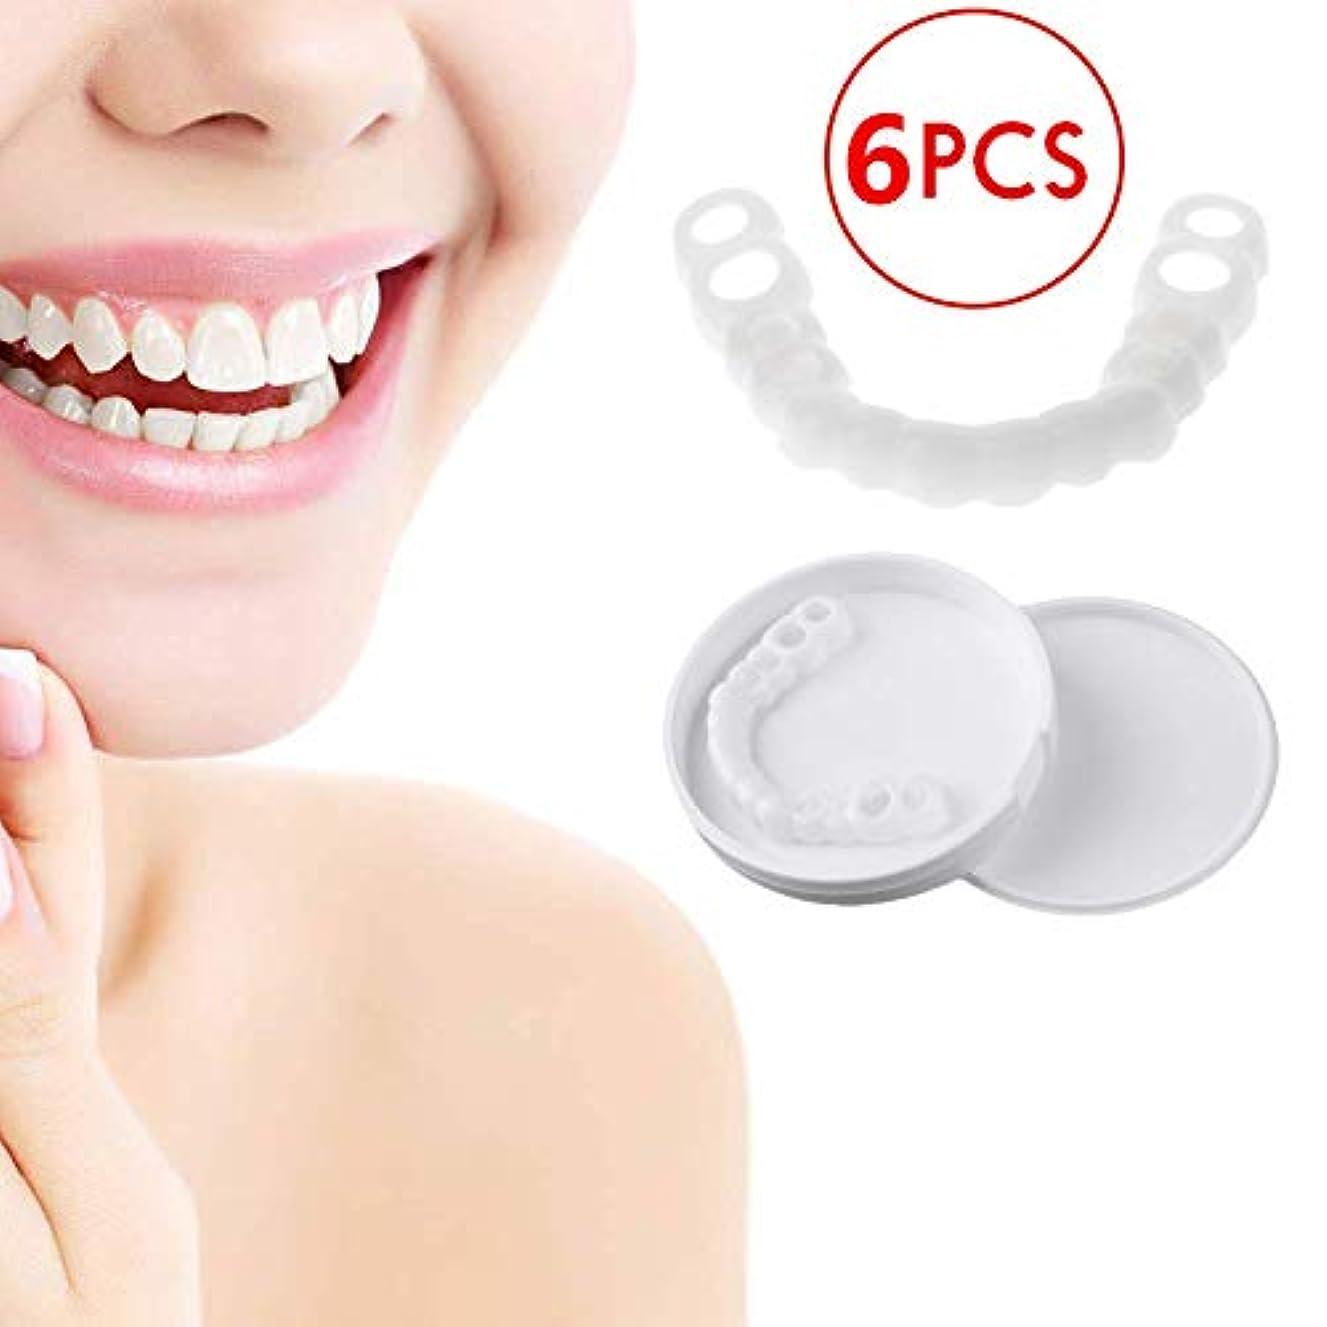 少数柱未接続6ペアの一時的な歯のホワイトニング、変装した曲がった/ステンド/欠落したギャップのある歯のカバー,6pcsupperteeth